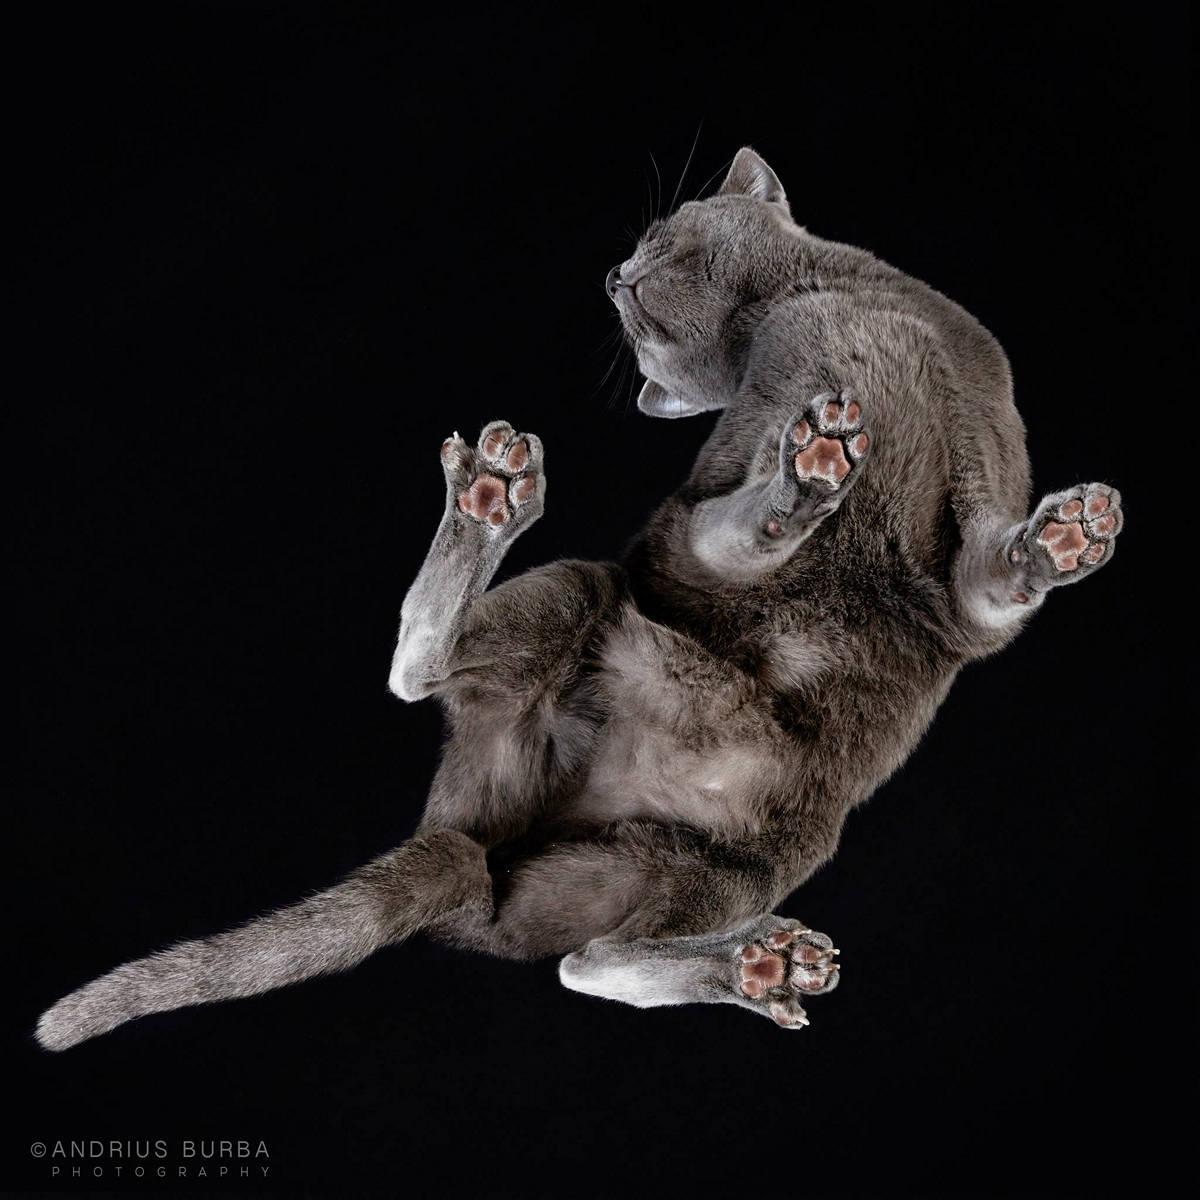 «Взгляд снизу»: чудные фотографии животных в проекте Андриуса Бурбы 27